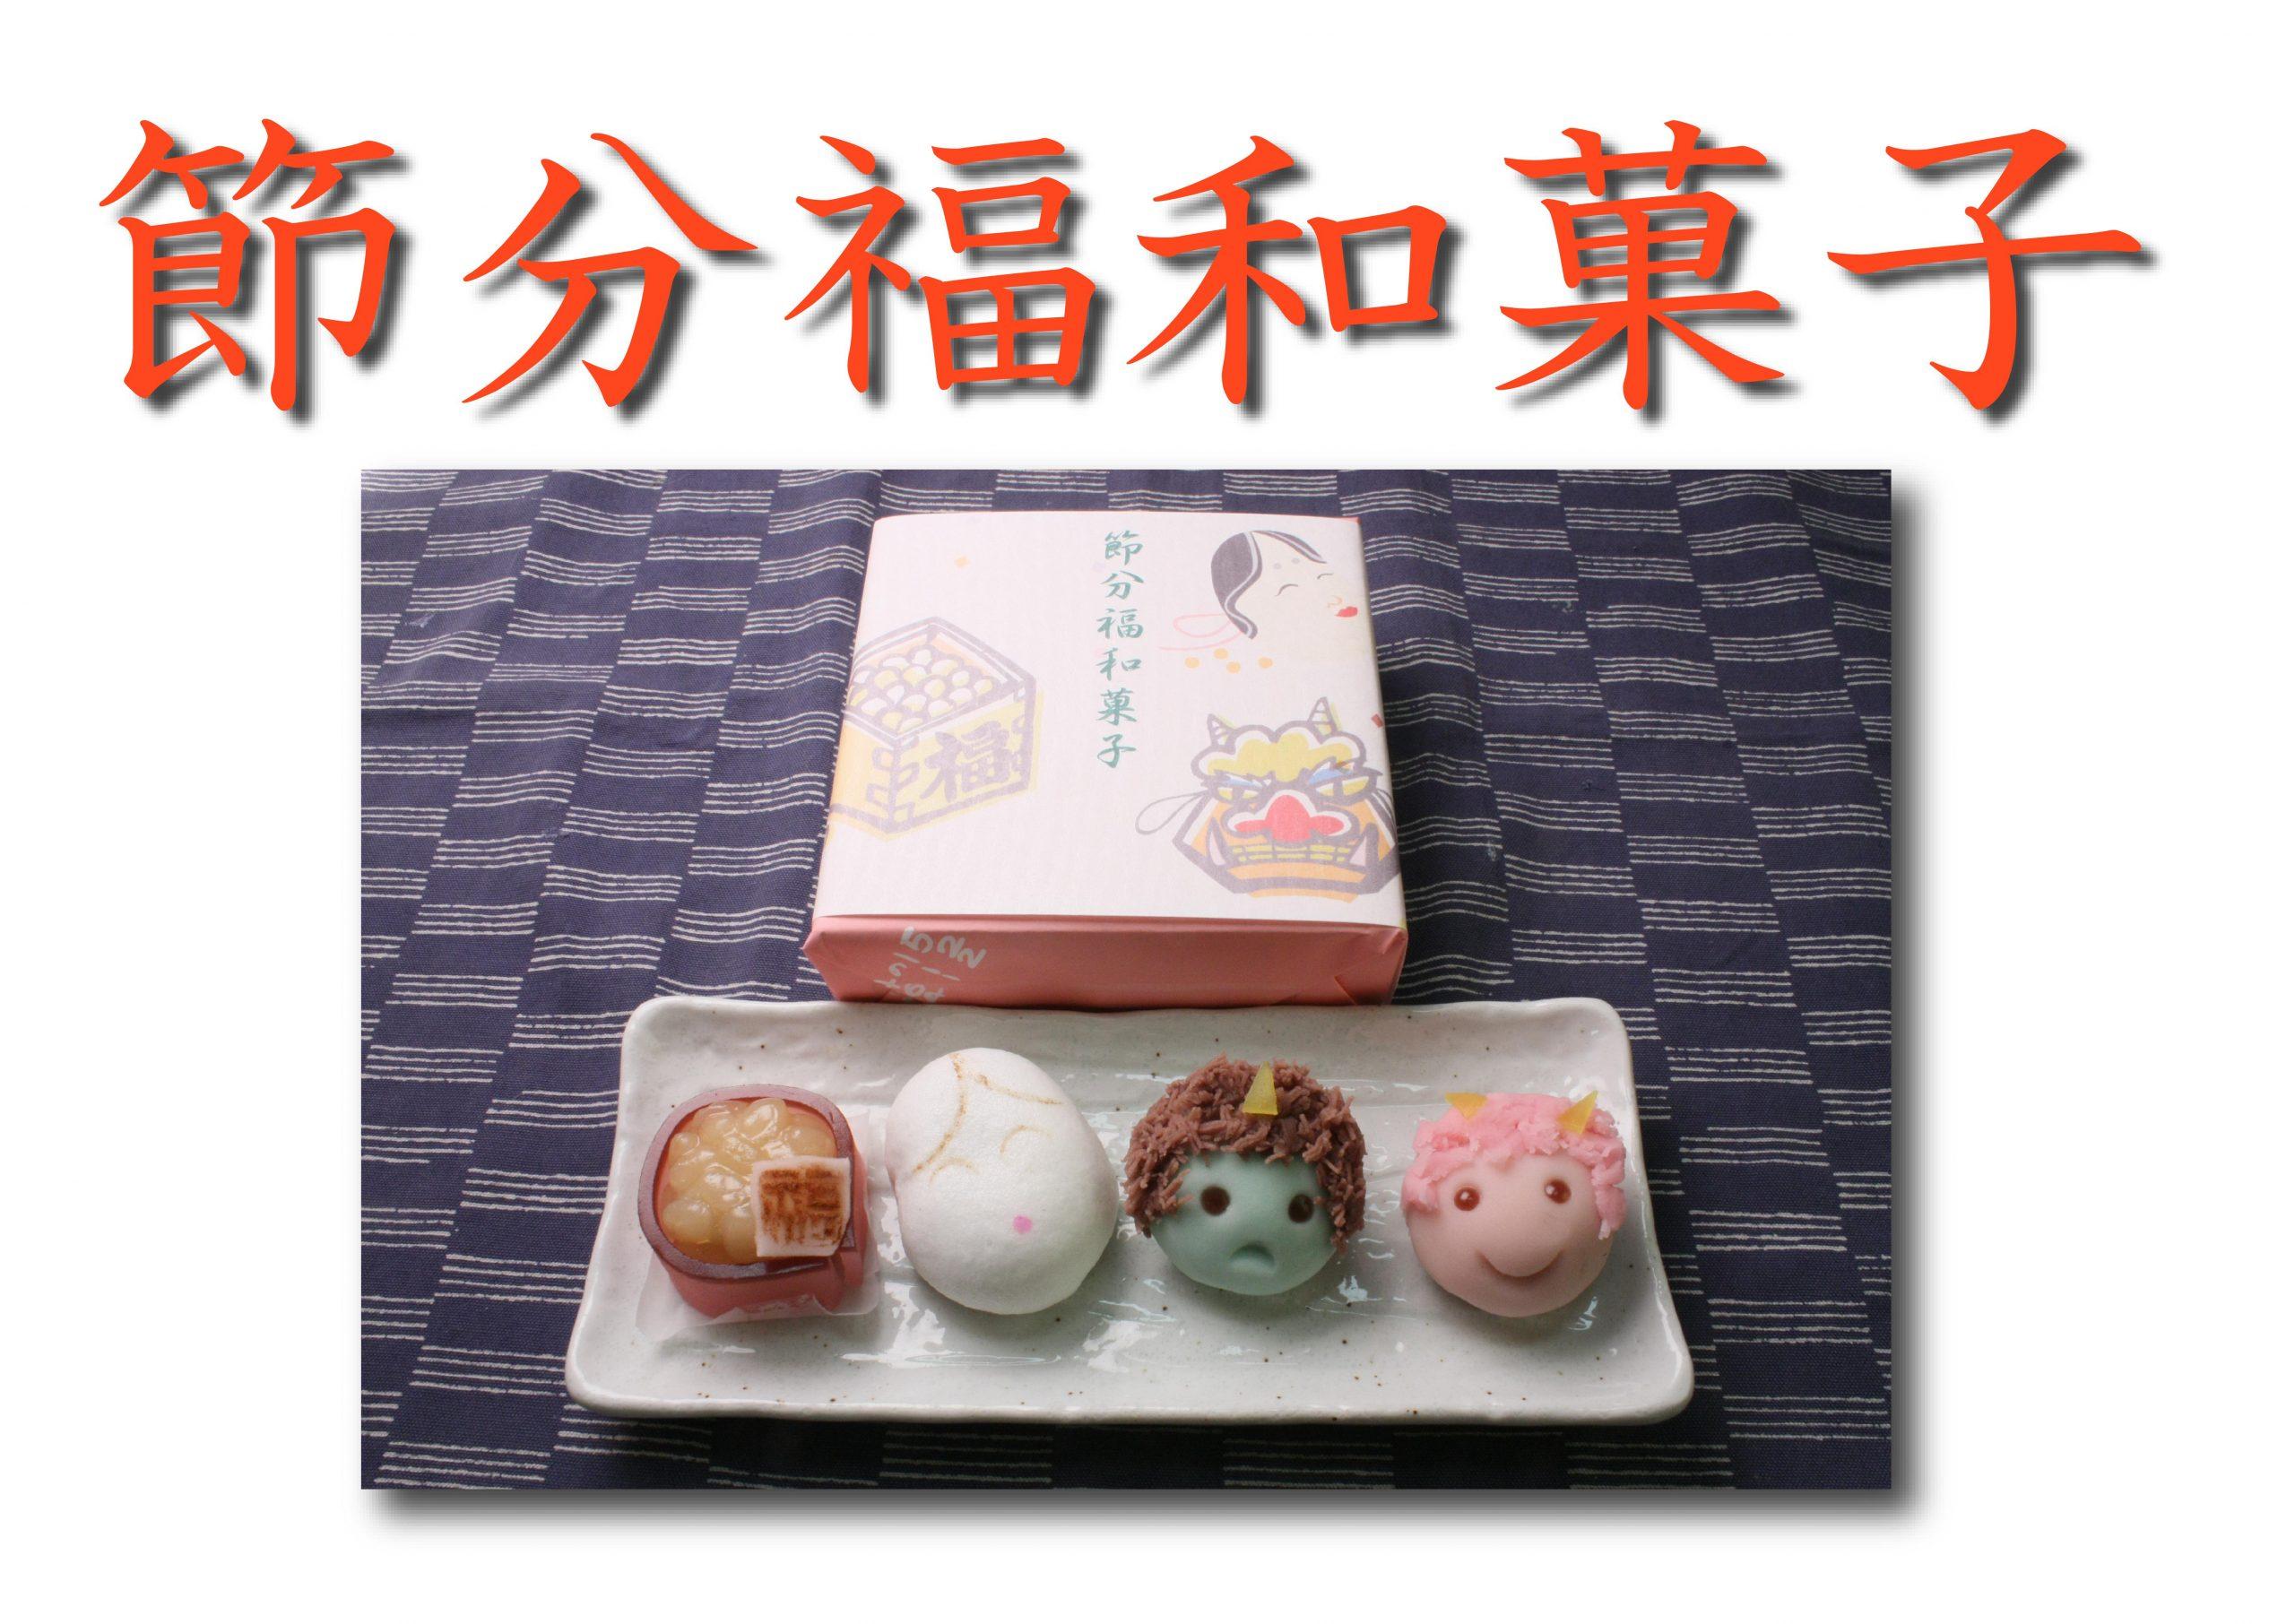 節分福和菓子・2019・(26×18)